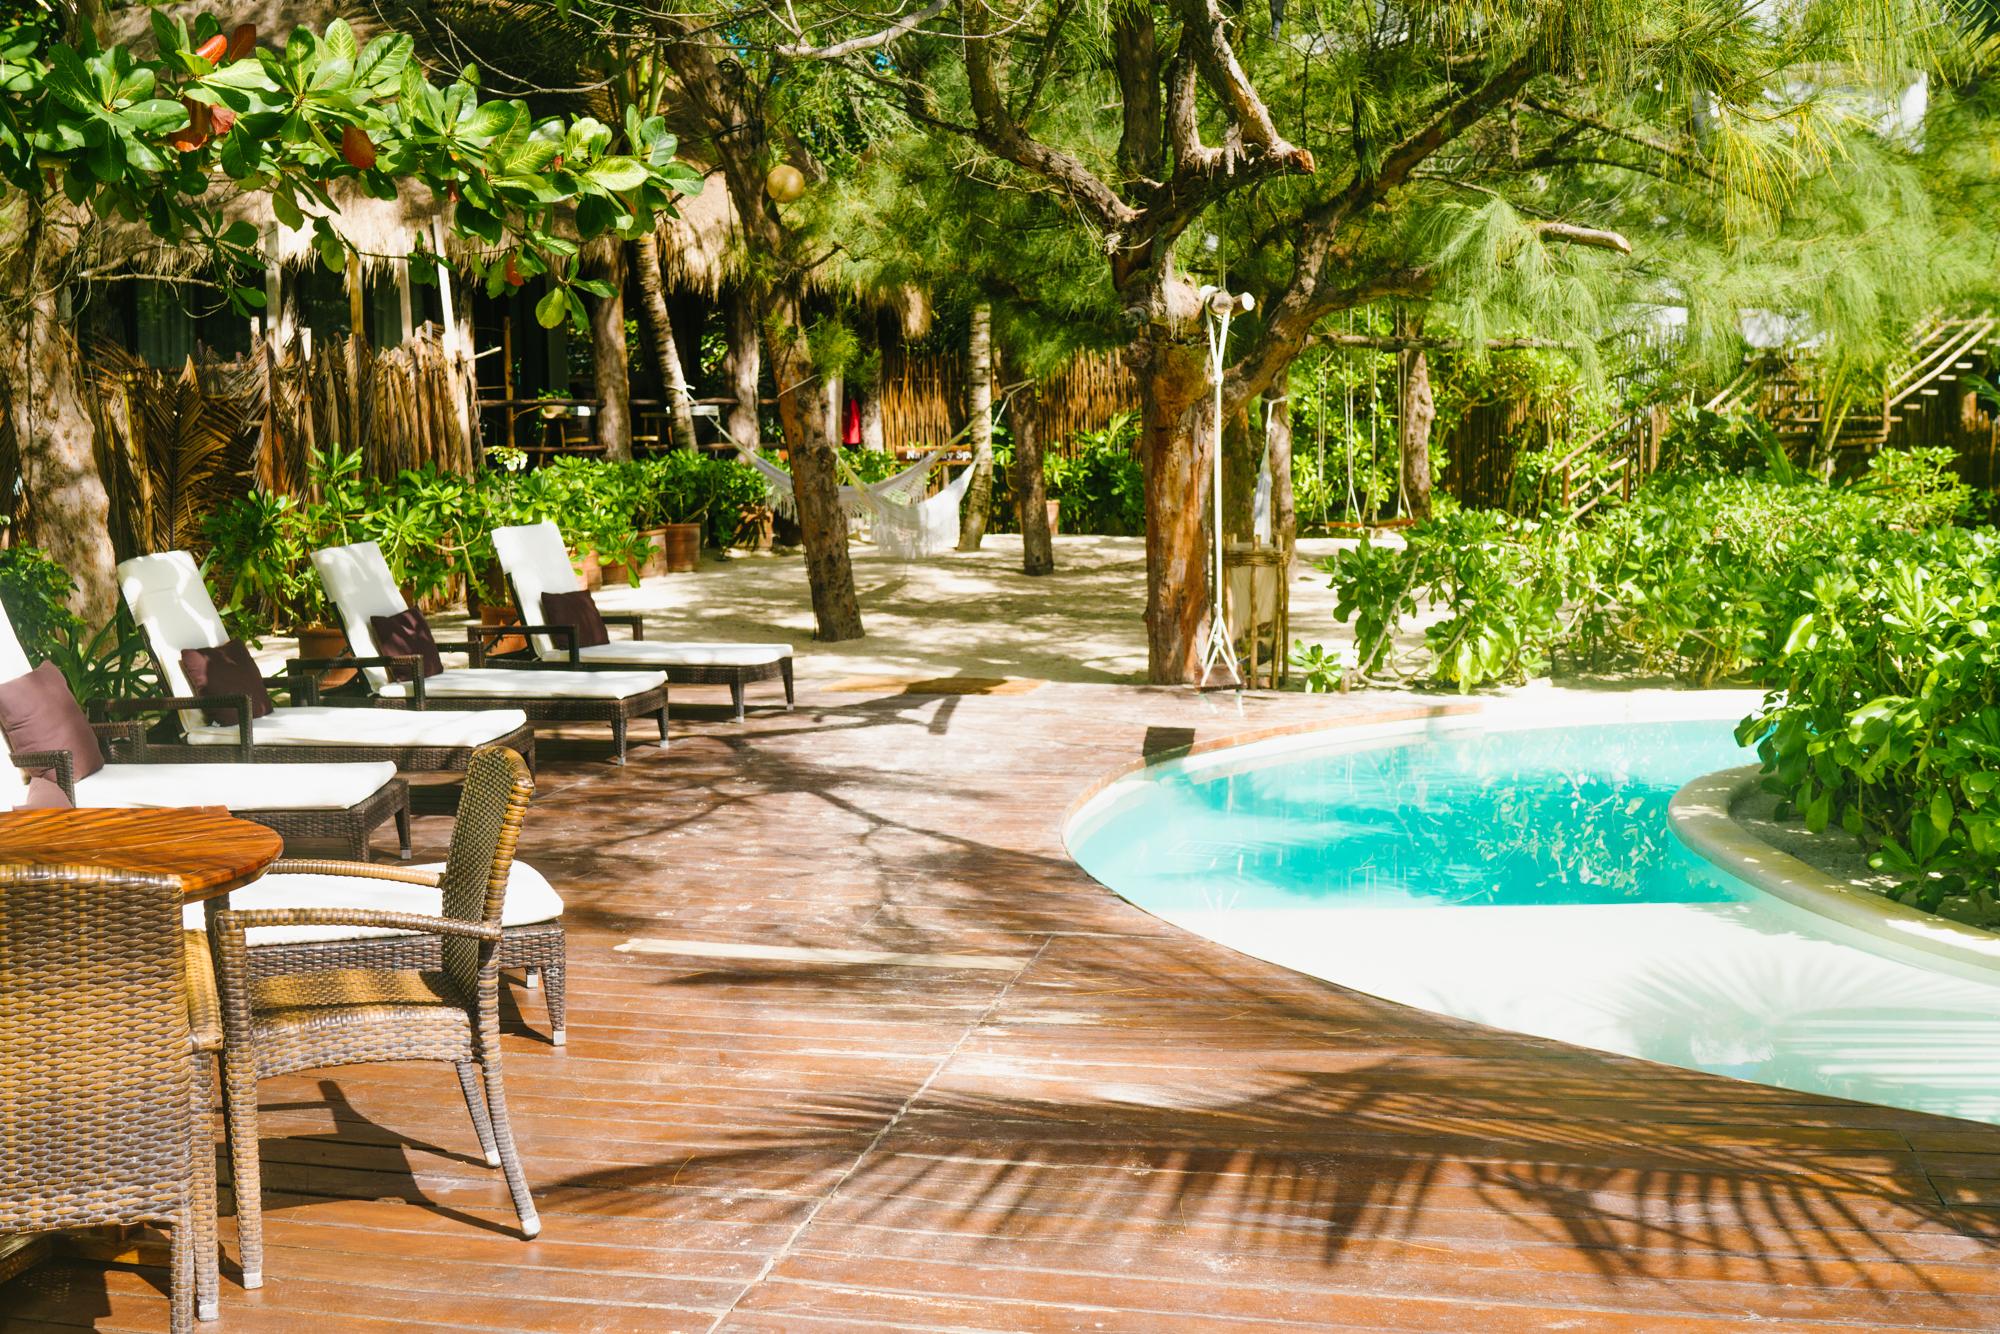 The Beach Tulum pool and sundeck